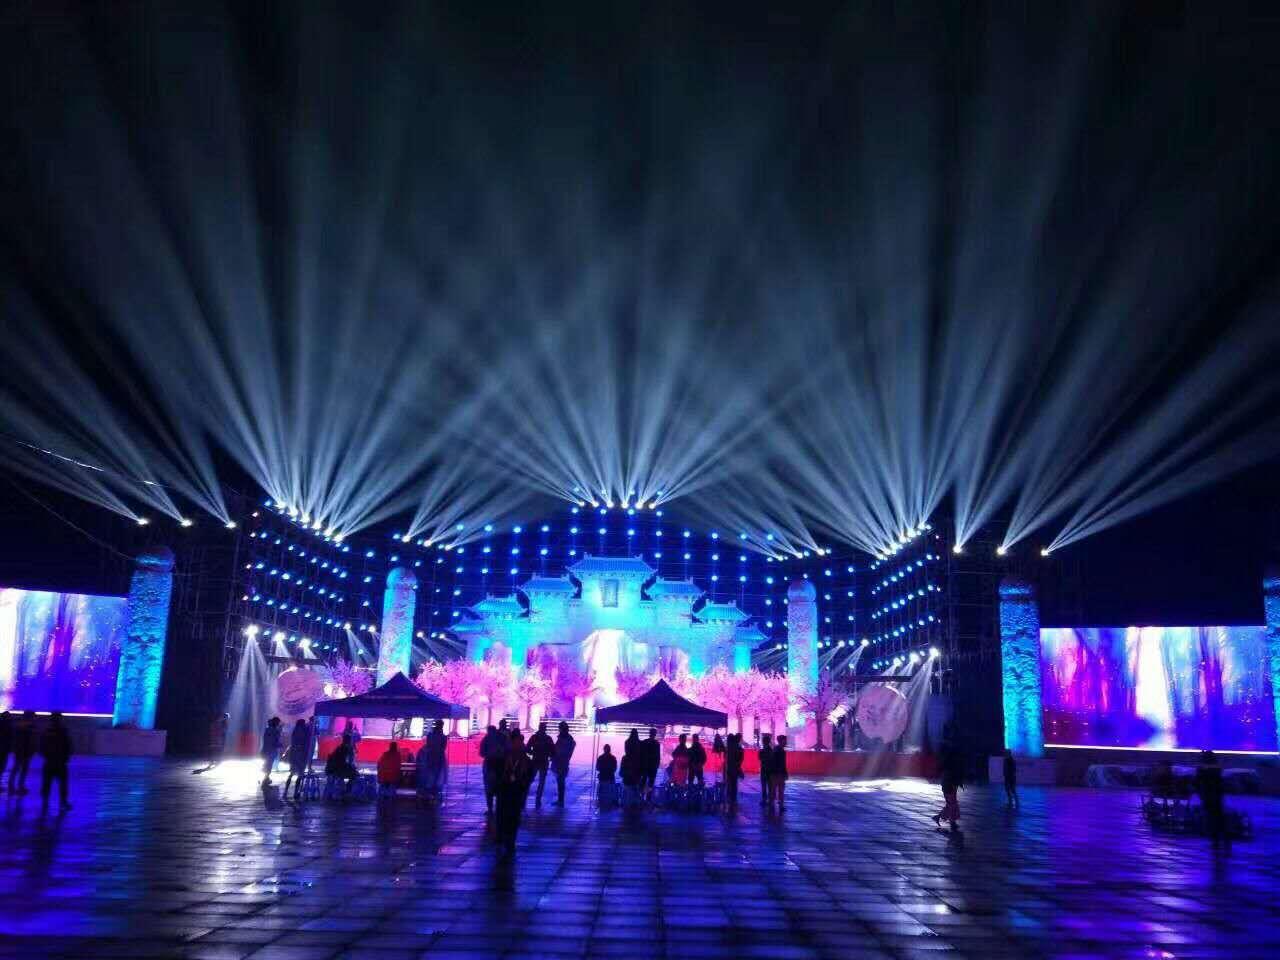 昆明活动舞台搭建关于对舞台灯光设计中光色运用的